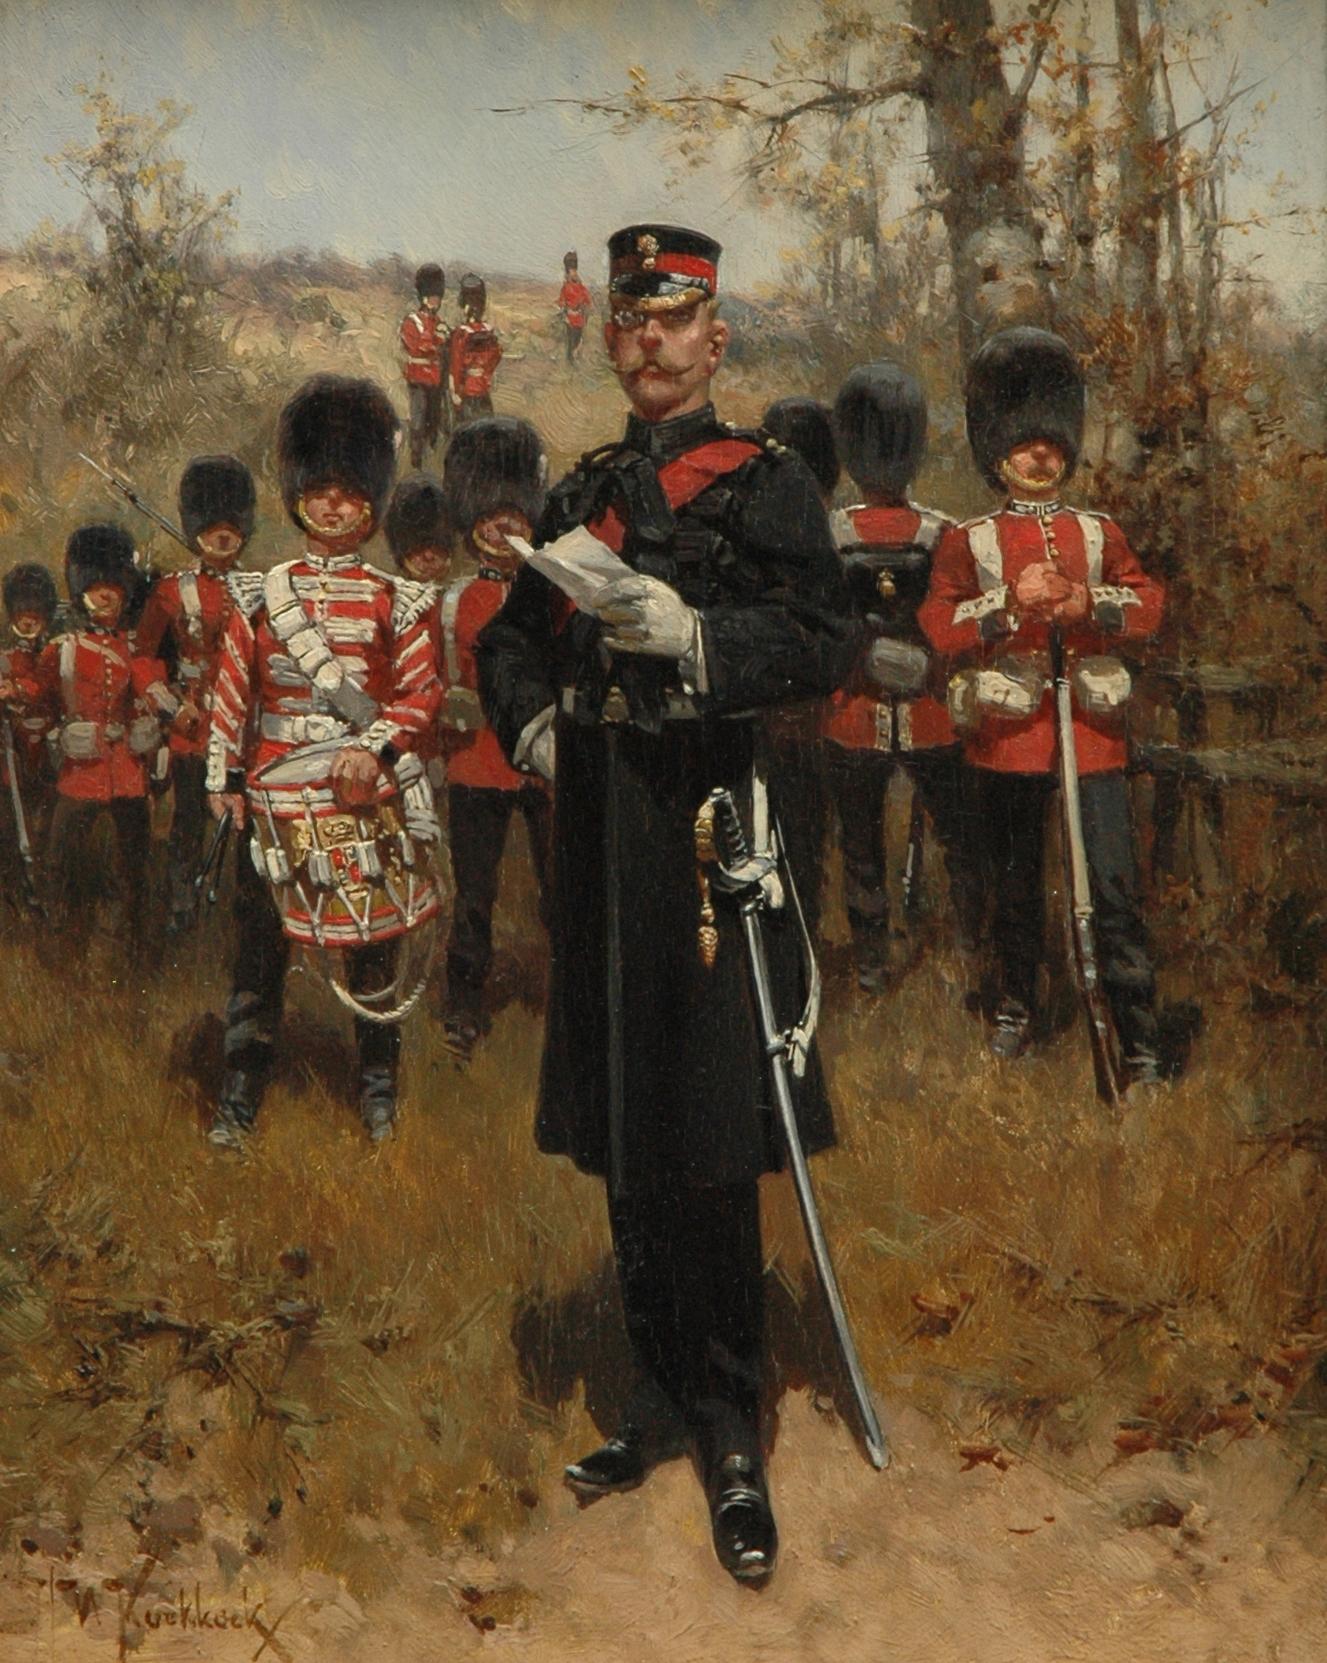 Koekkoek, H.W. - Grenadiers Guards van het Britse leger, olieverf op paneel 27 x 21,2 cm, gesigneerd l.o. en te dateren ca. 1898